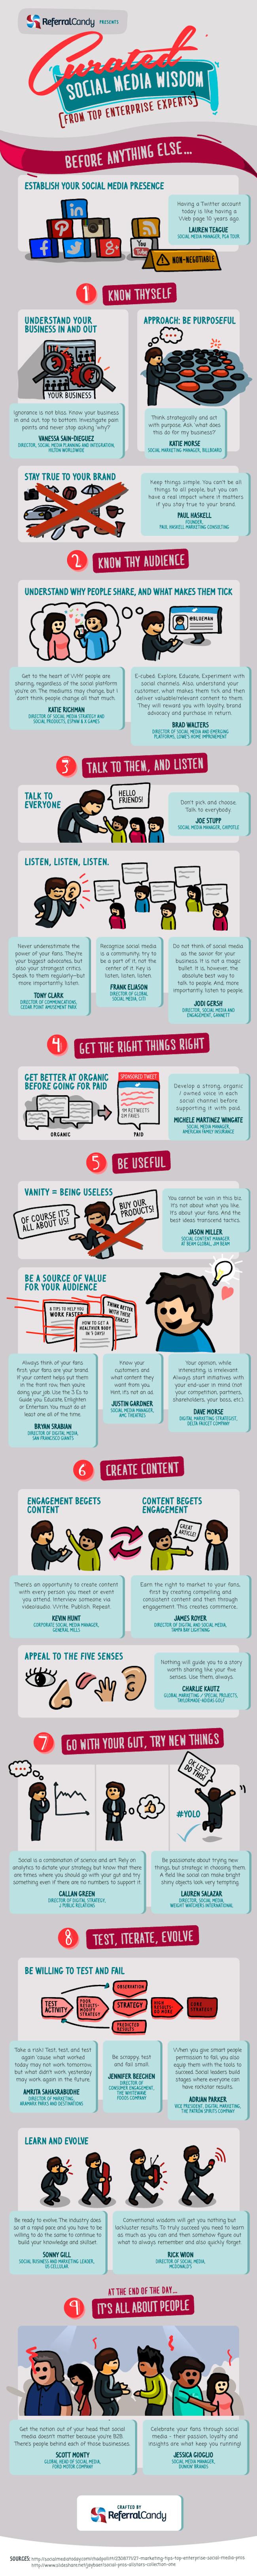 Social-media-9-conseils-clés